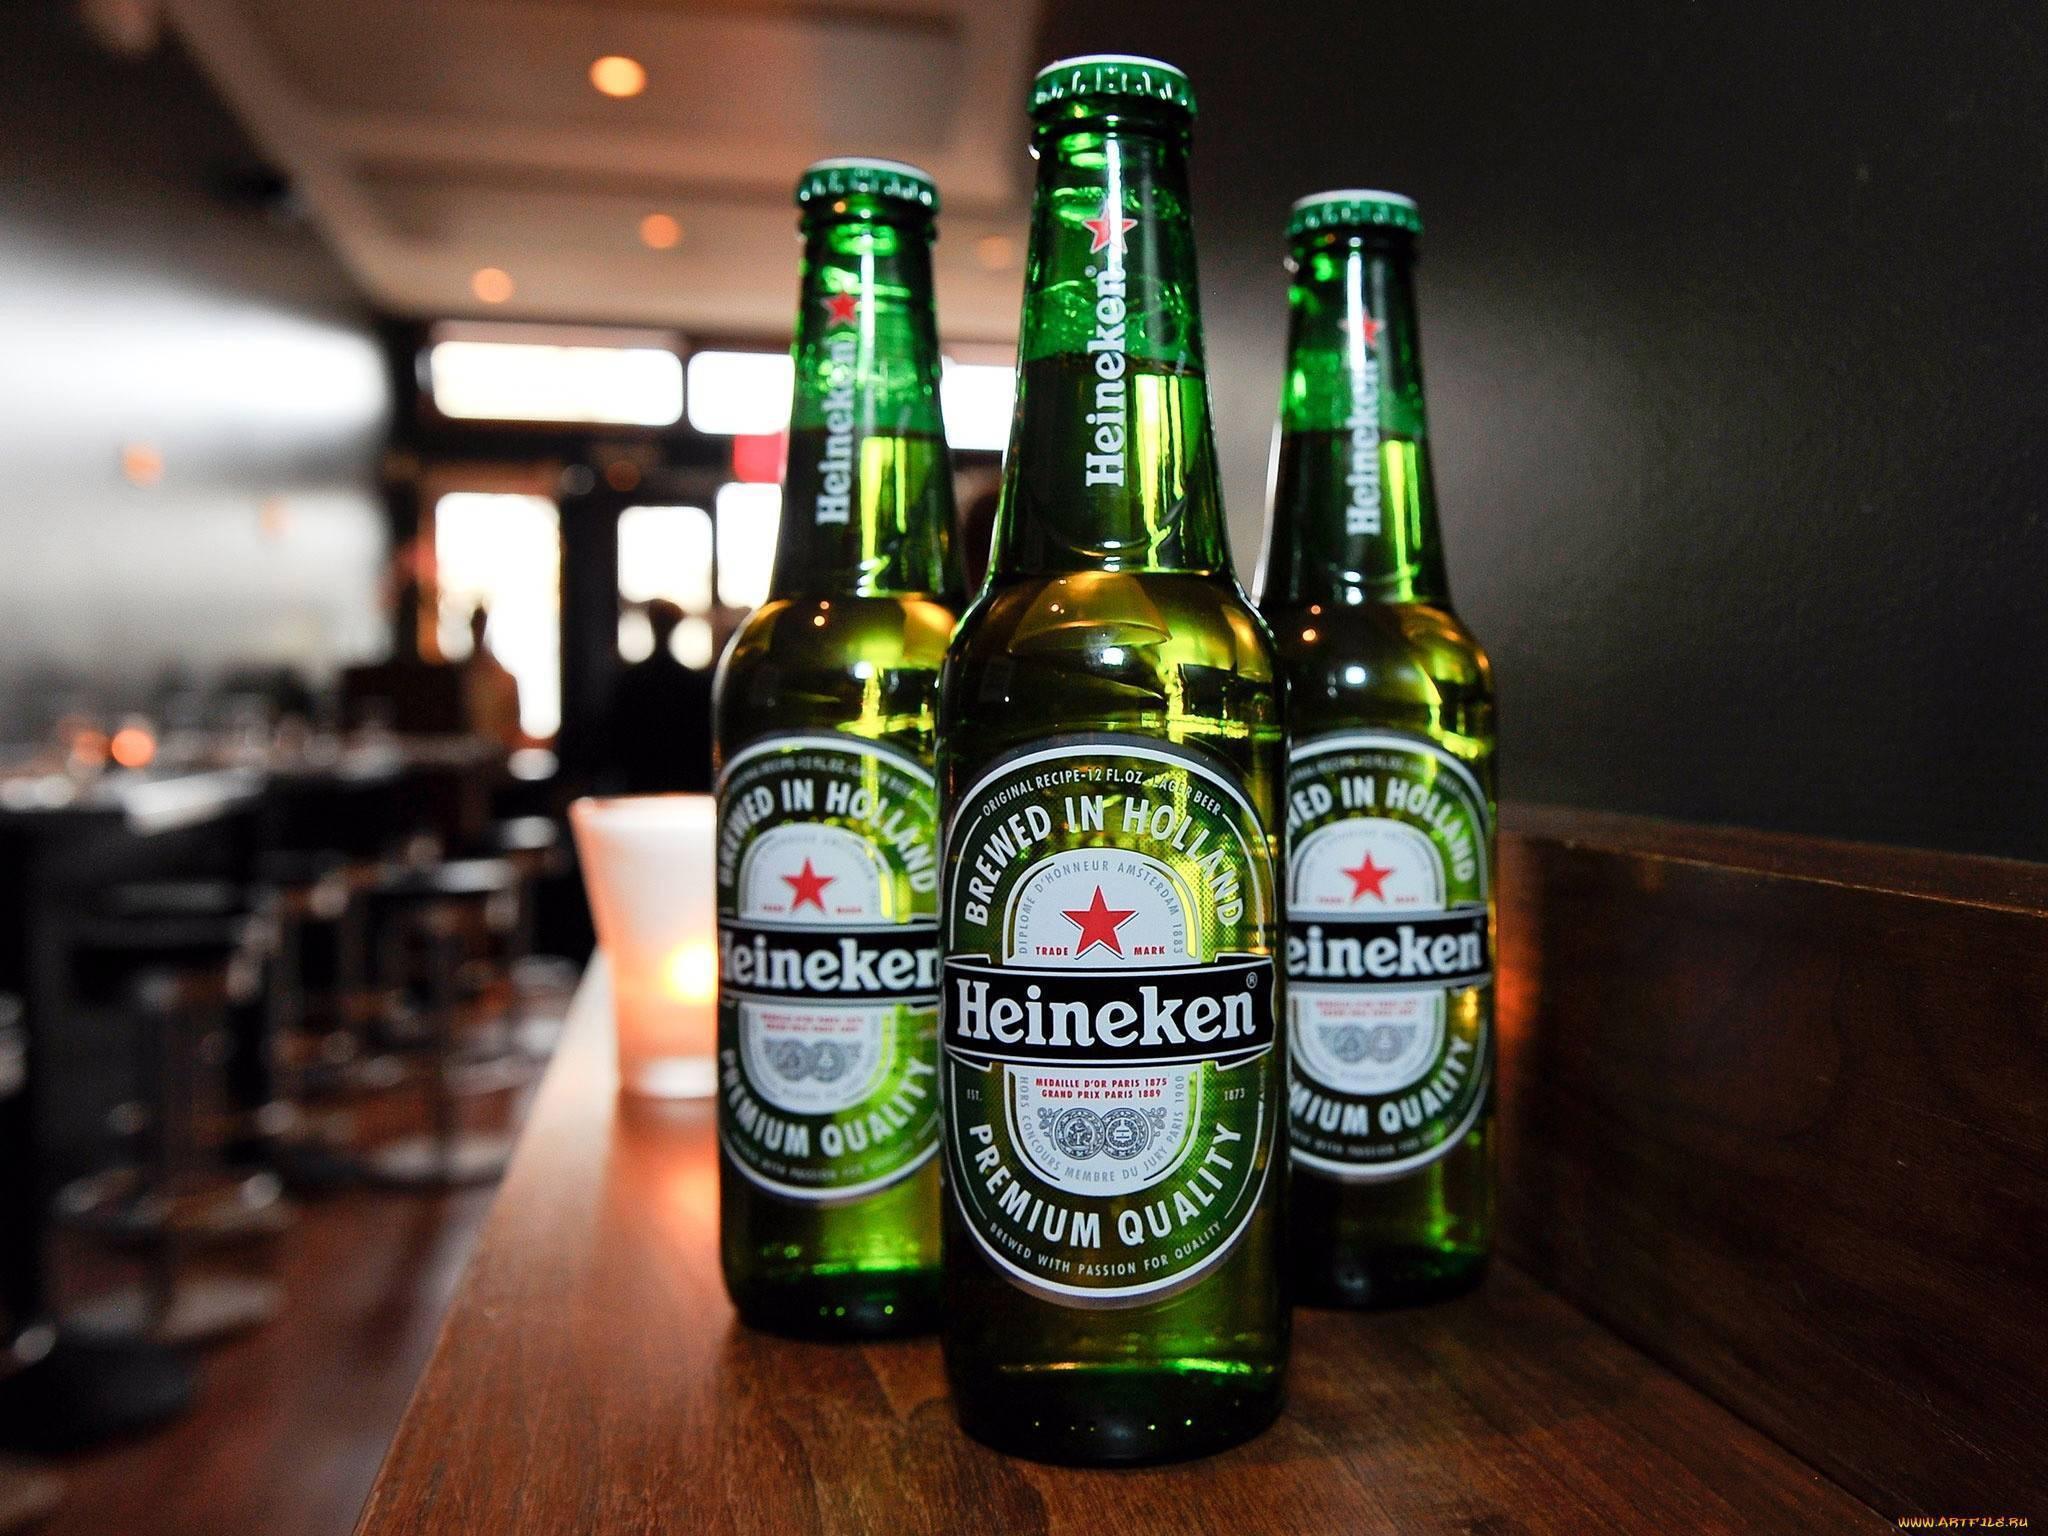 Пивной напиток и пиво: отличия, состав по федеральному закону, марки миллер, хайнекен, гараж и другие | mosspravki.ru